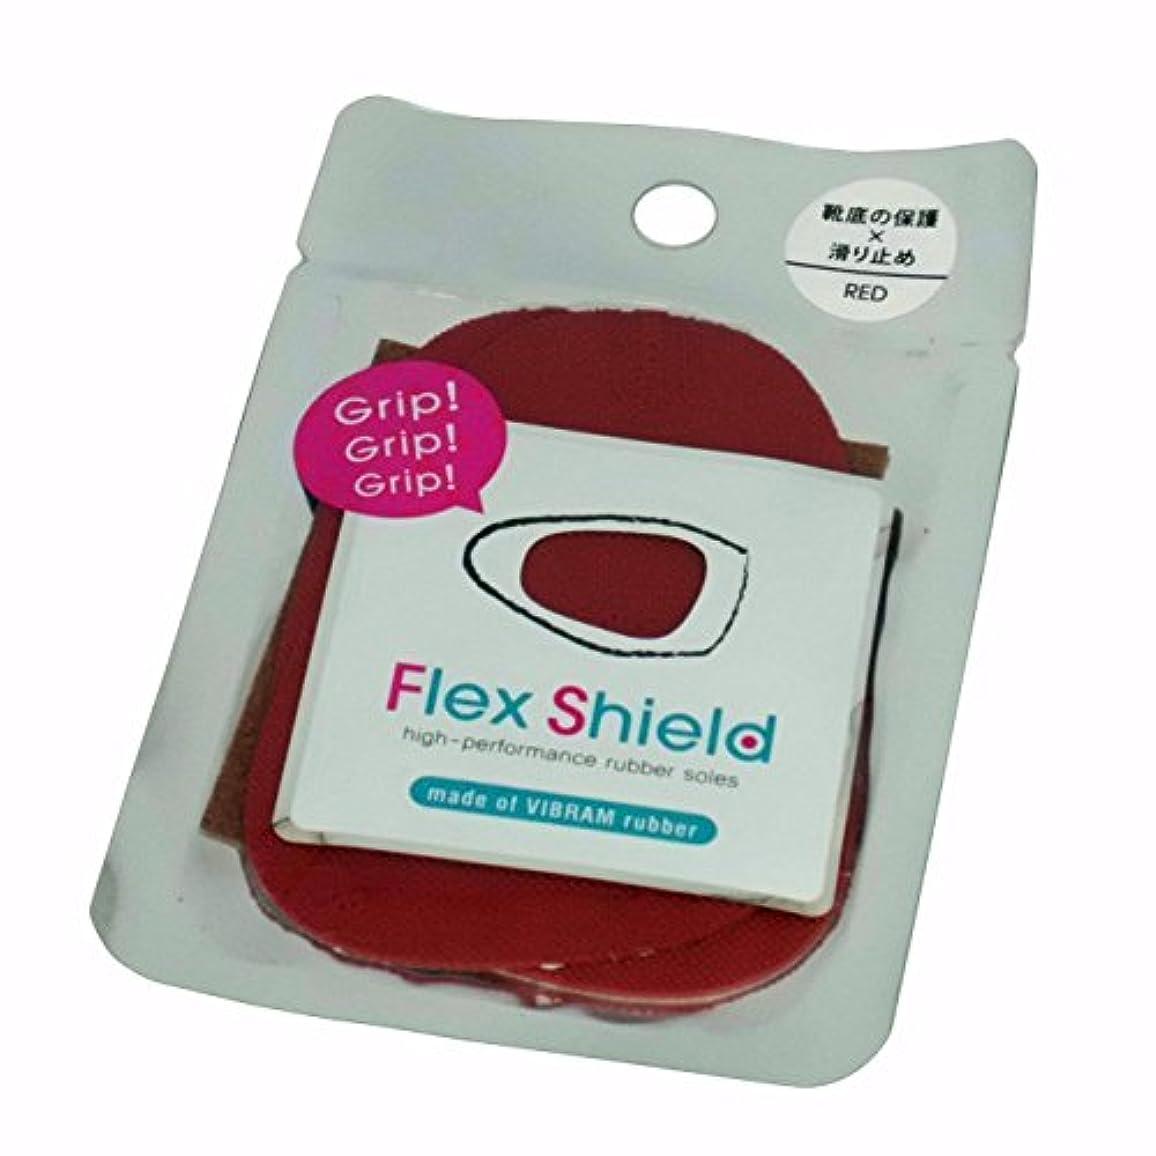 宗教的な想定エスカレートフレックスシールド (flex shield) レッド